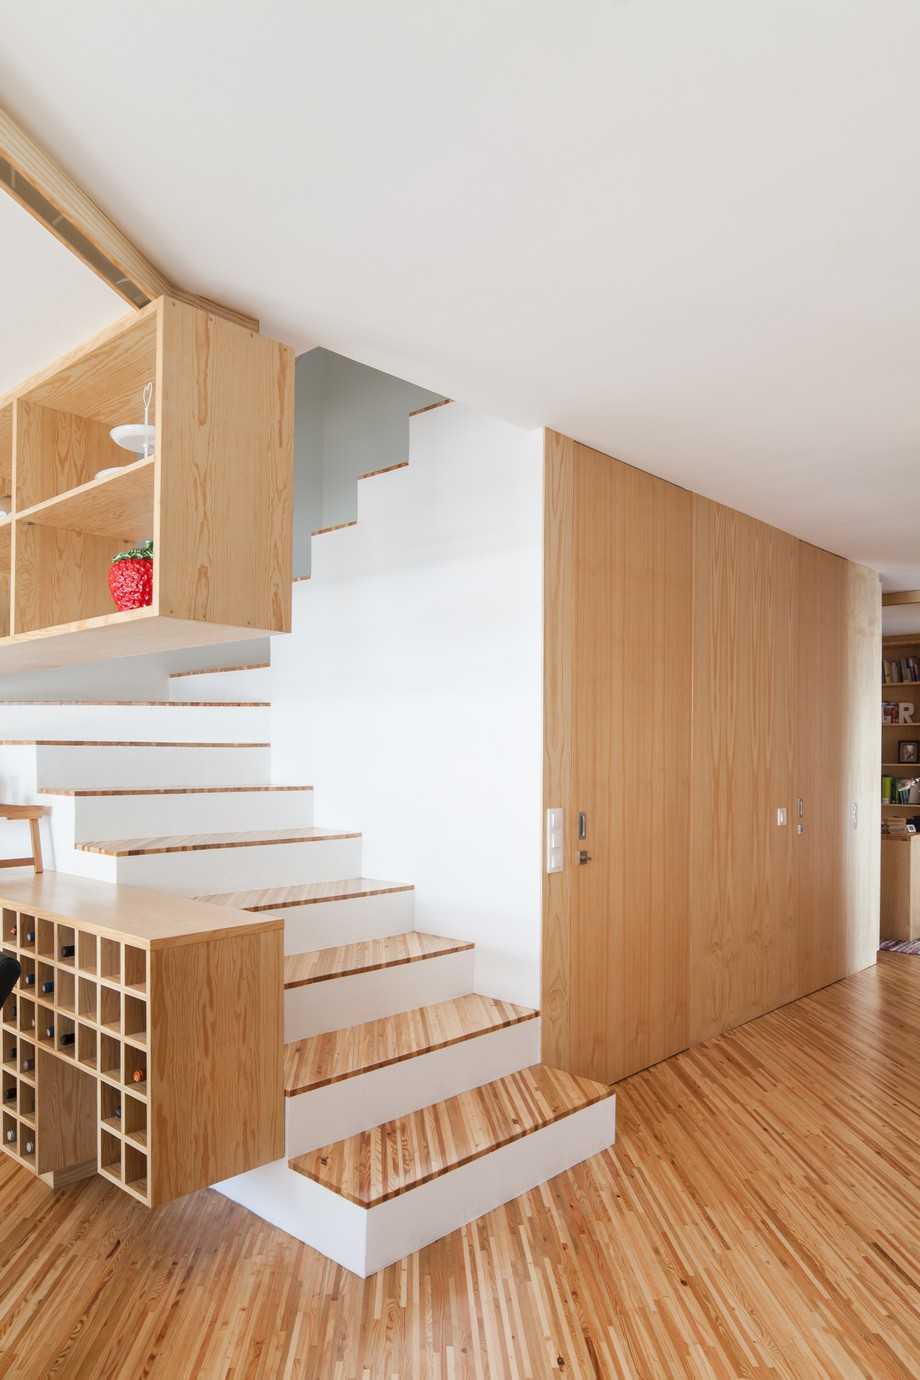 Португальский дом, создающий впечатление успокаивающей прибрежной атмосферы